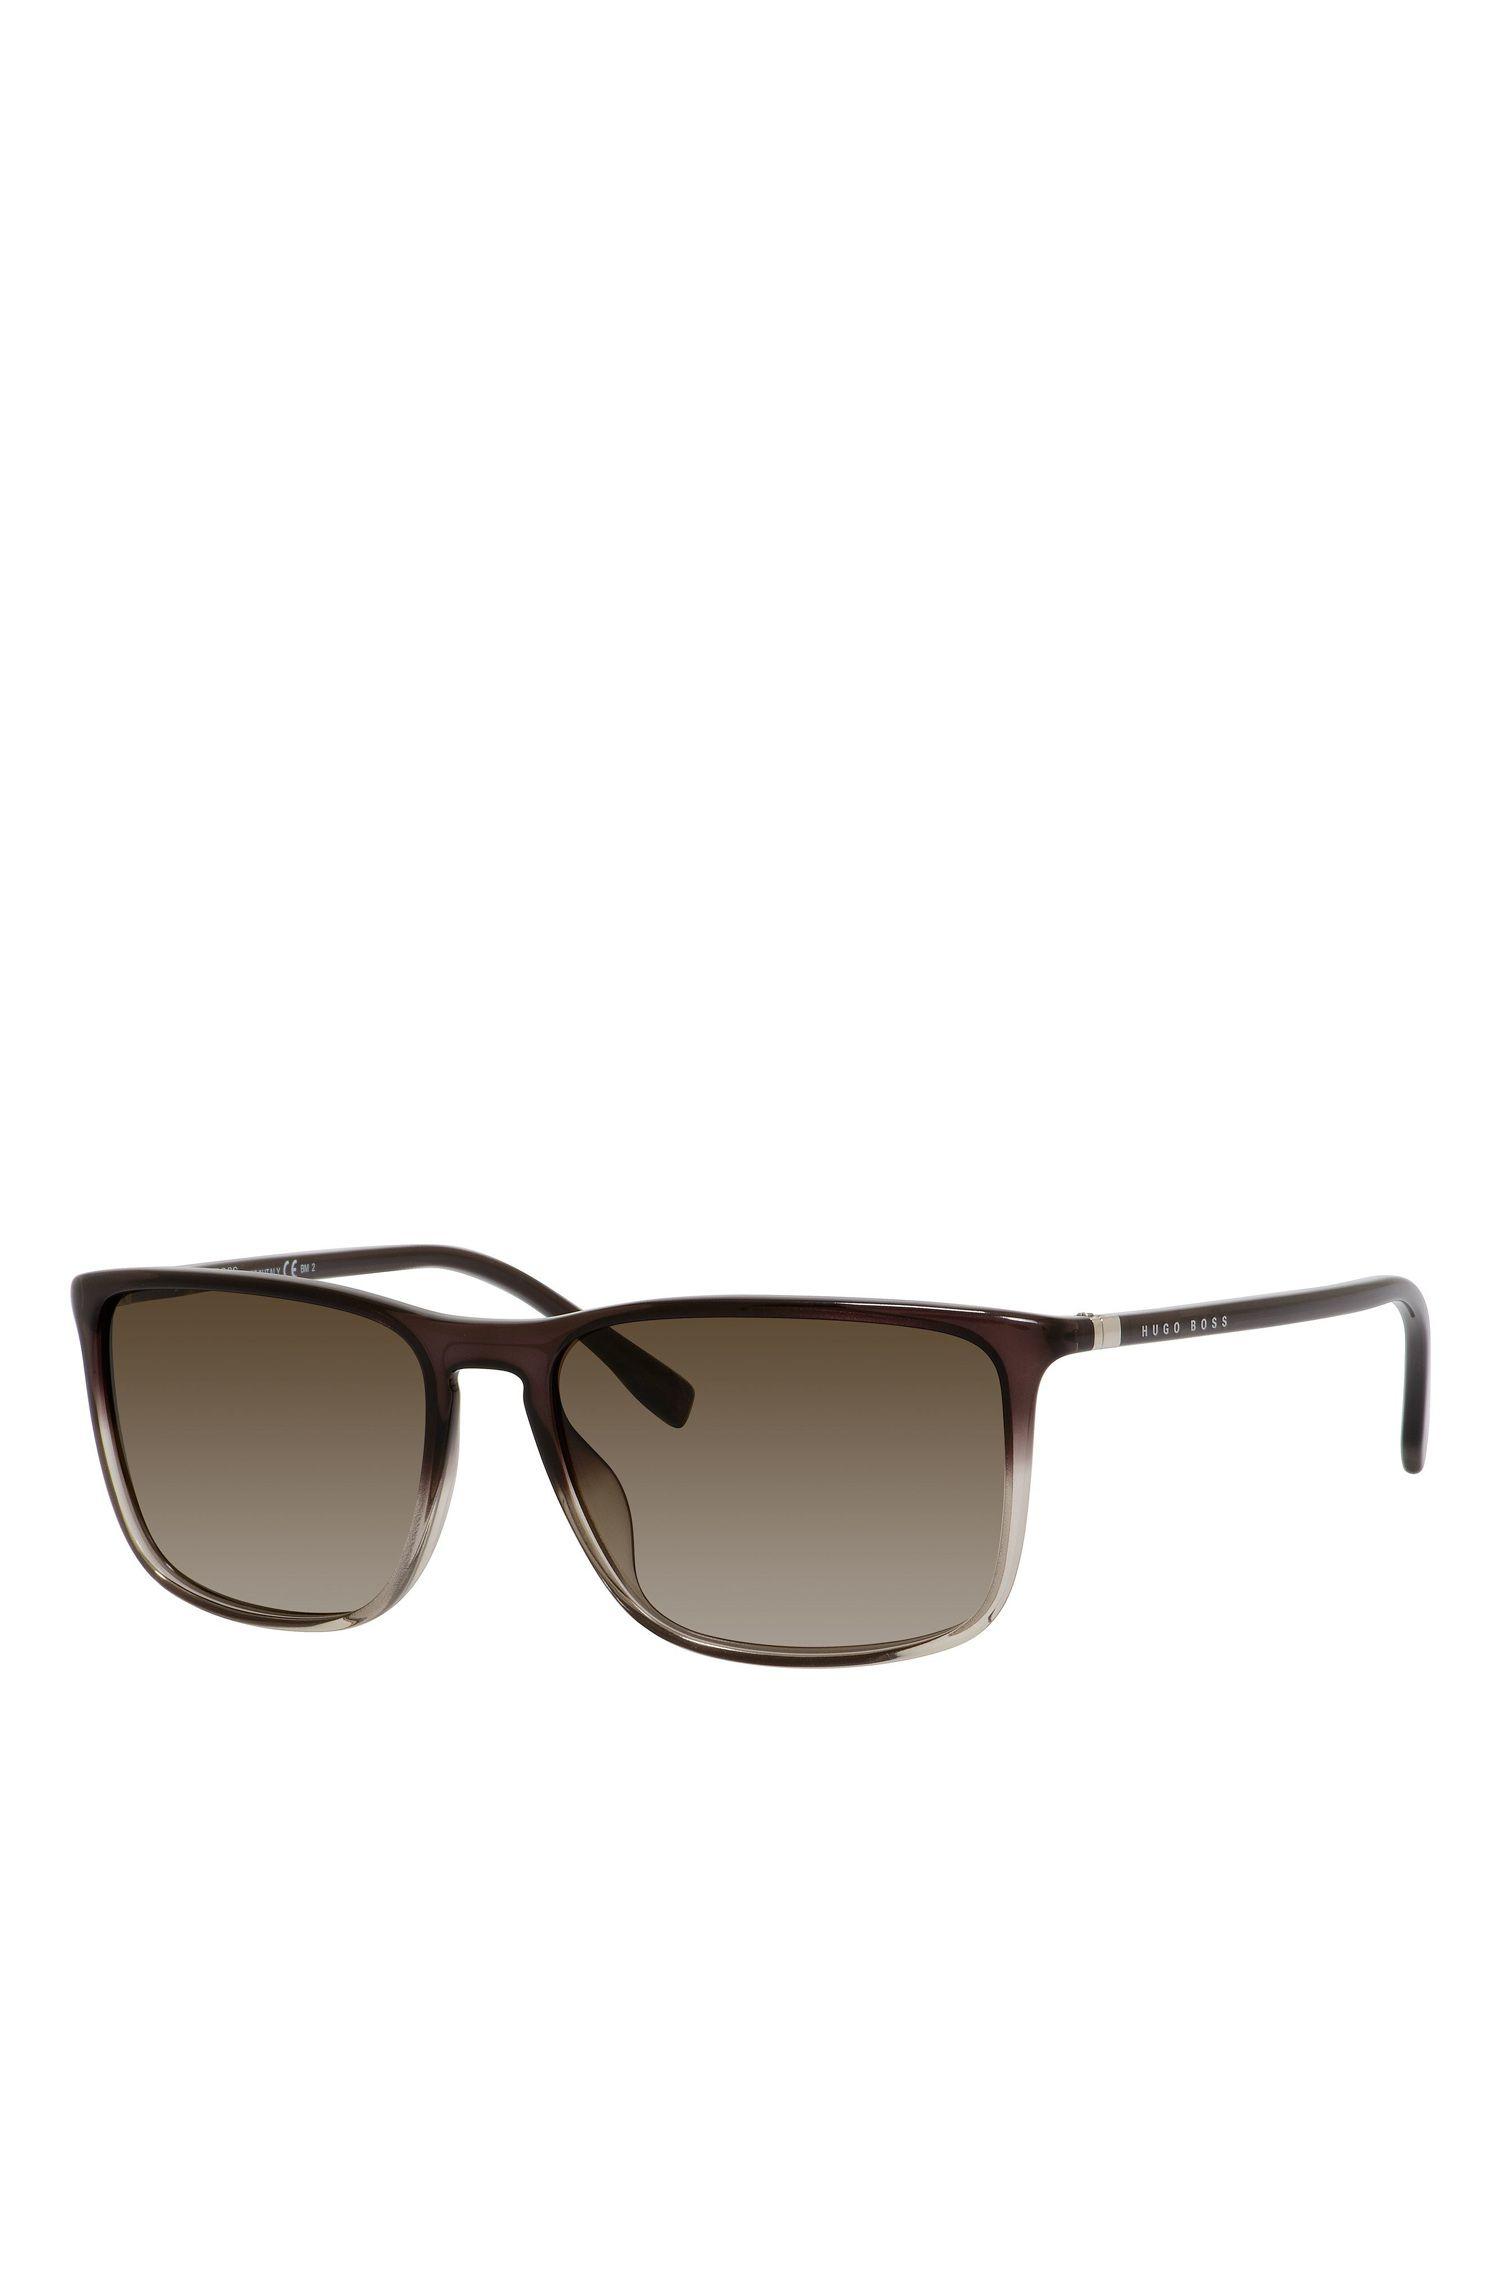 'BOSS 0665S' | Gradient Lens Rectangular Sunglasses